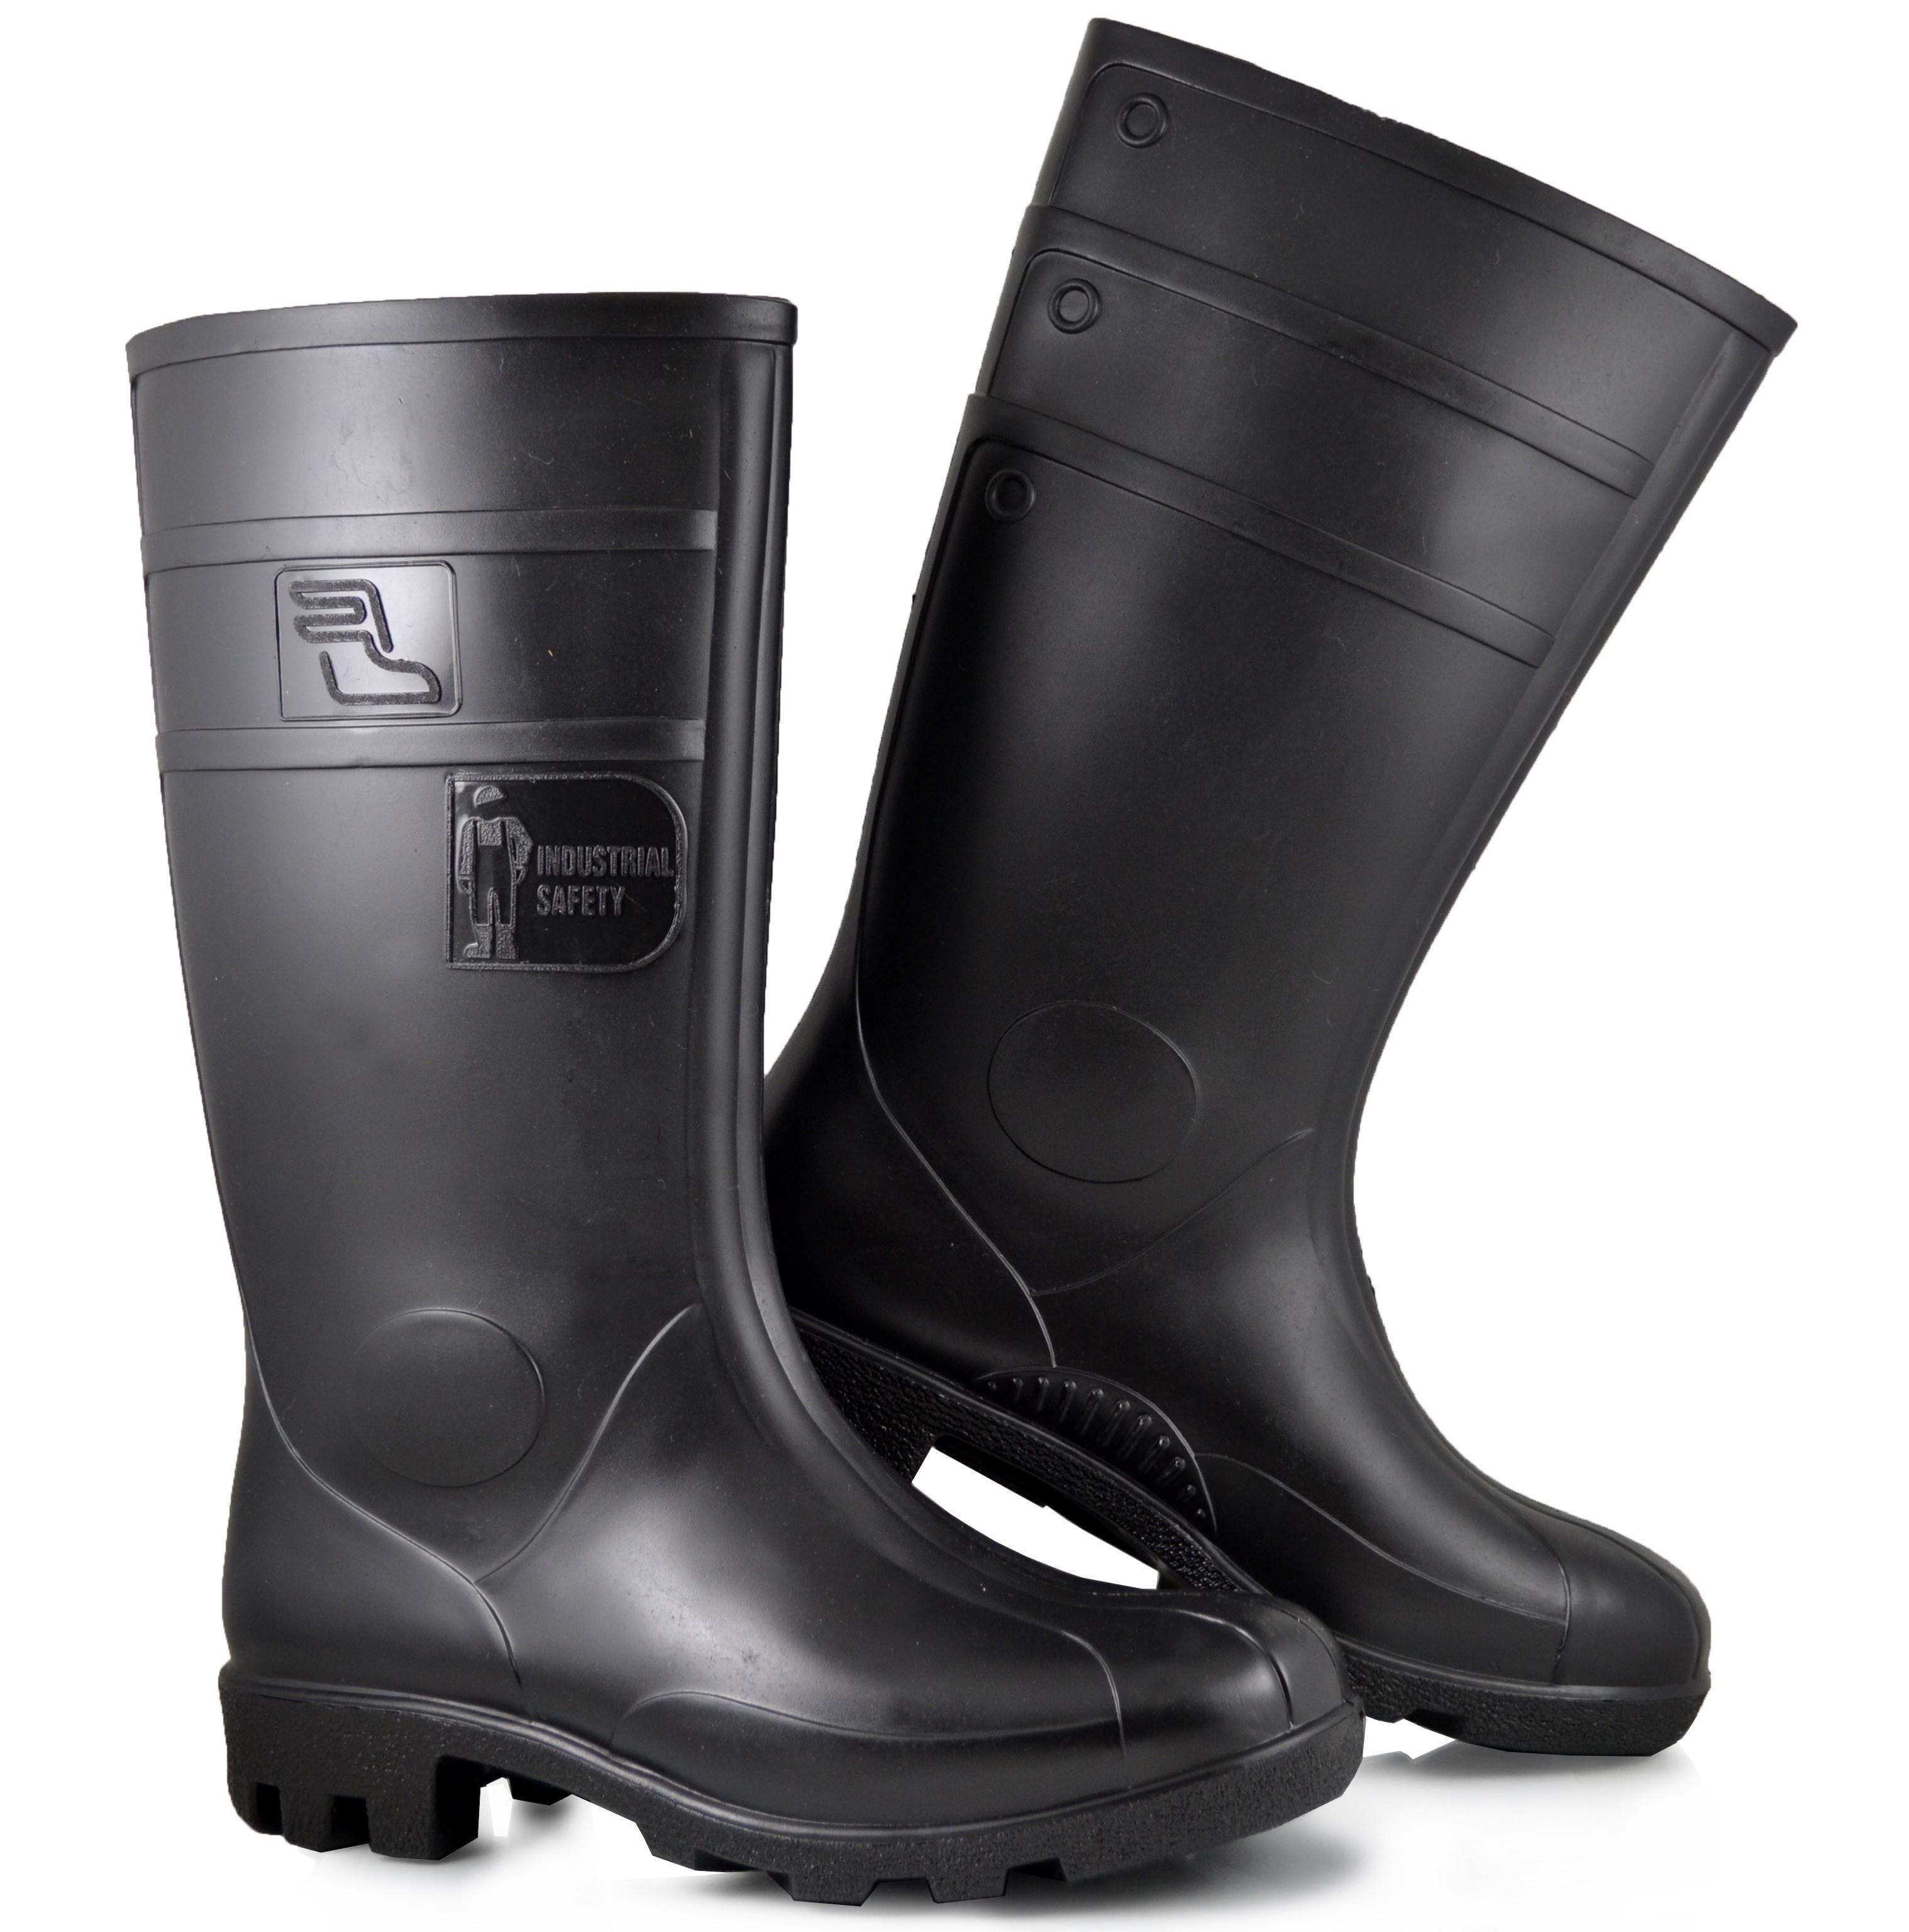 Fagum-Stomil Kalosze meskie 13157 rozmiar 45 - BFPCV 45 BHP BFPCV 45 darba apavi